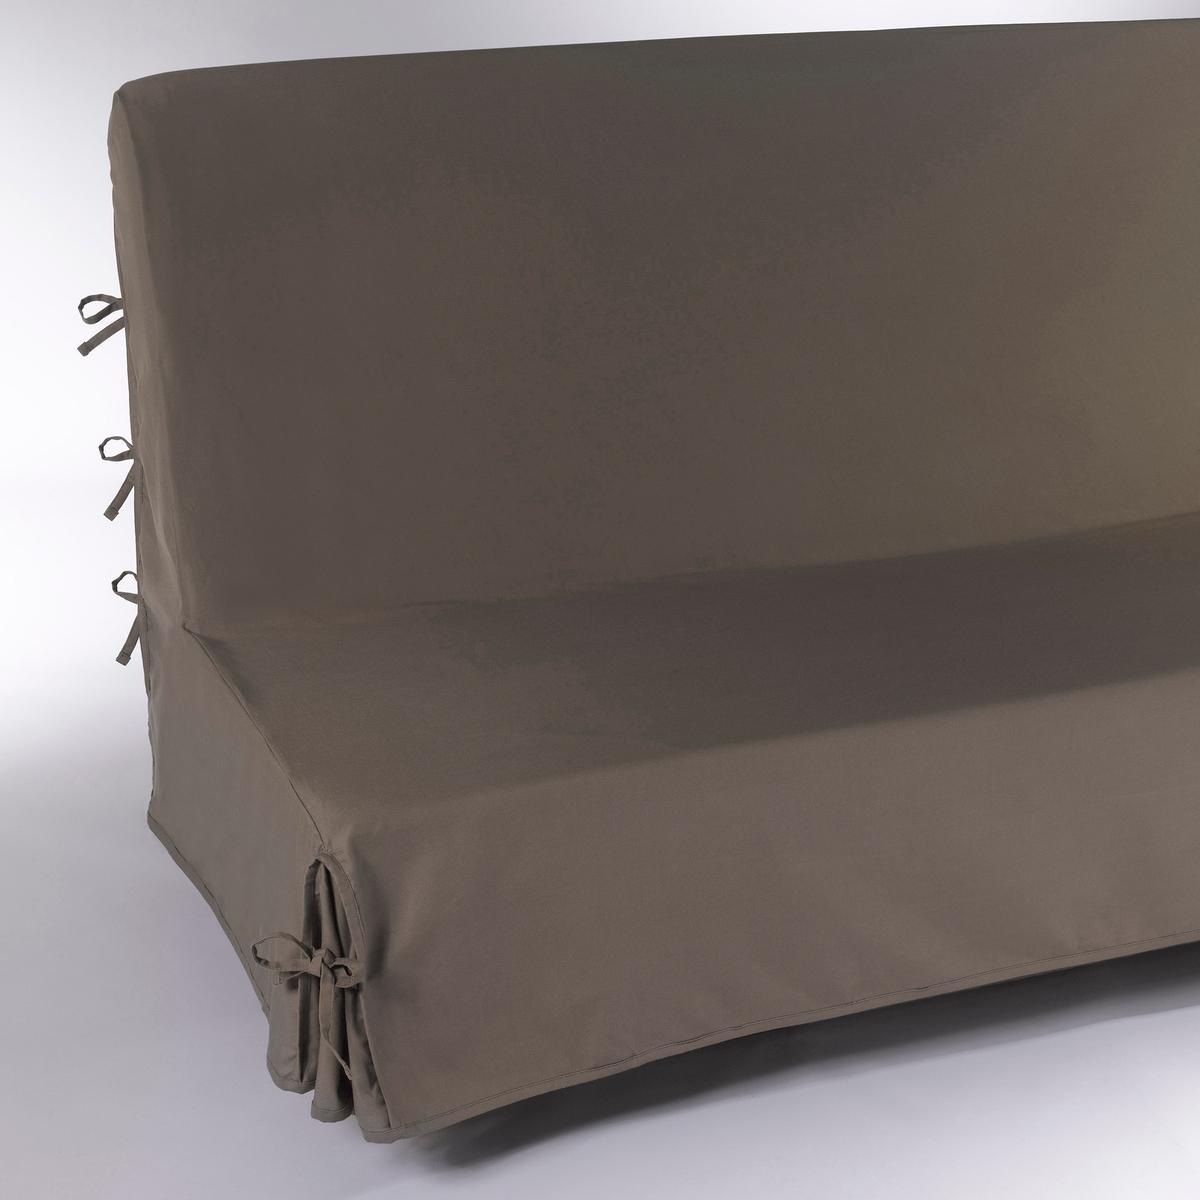 Чехол для дивана-аккордеонаПолностью закрывает диван включая спинку: удобные клапаны фиксируются завязками. Простой уход: стирка при 40°, превосходная стойкость цвета.Обработка против пятен.Размеры: 2 ширины на выбор. Длина в разложенном состоянии: 190 см. Качество VALEUR S?RE.  Производство осуществляется с учетом стандартов по защите окружающей среды и здоровья человека, что подтверждено сертификатом Oeko-tex®.<br><br>Цвет: антрацит,облачно-серый,рубиново-красный,серо-коричневый каштан<br>Размер: 140.140